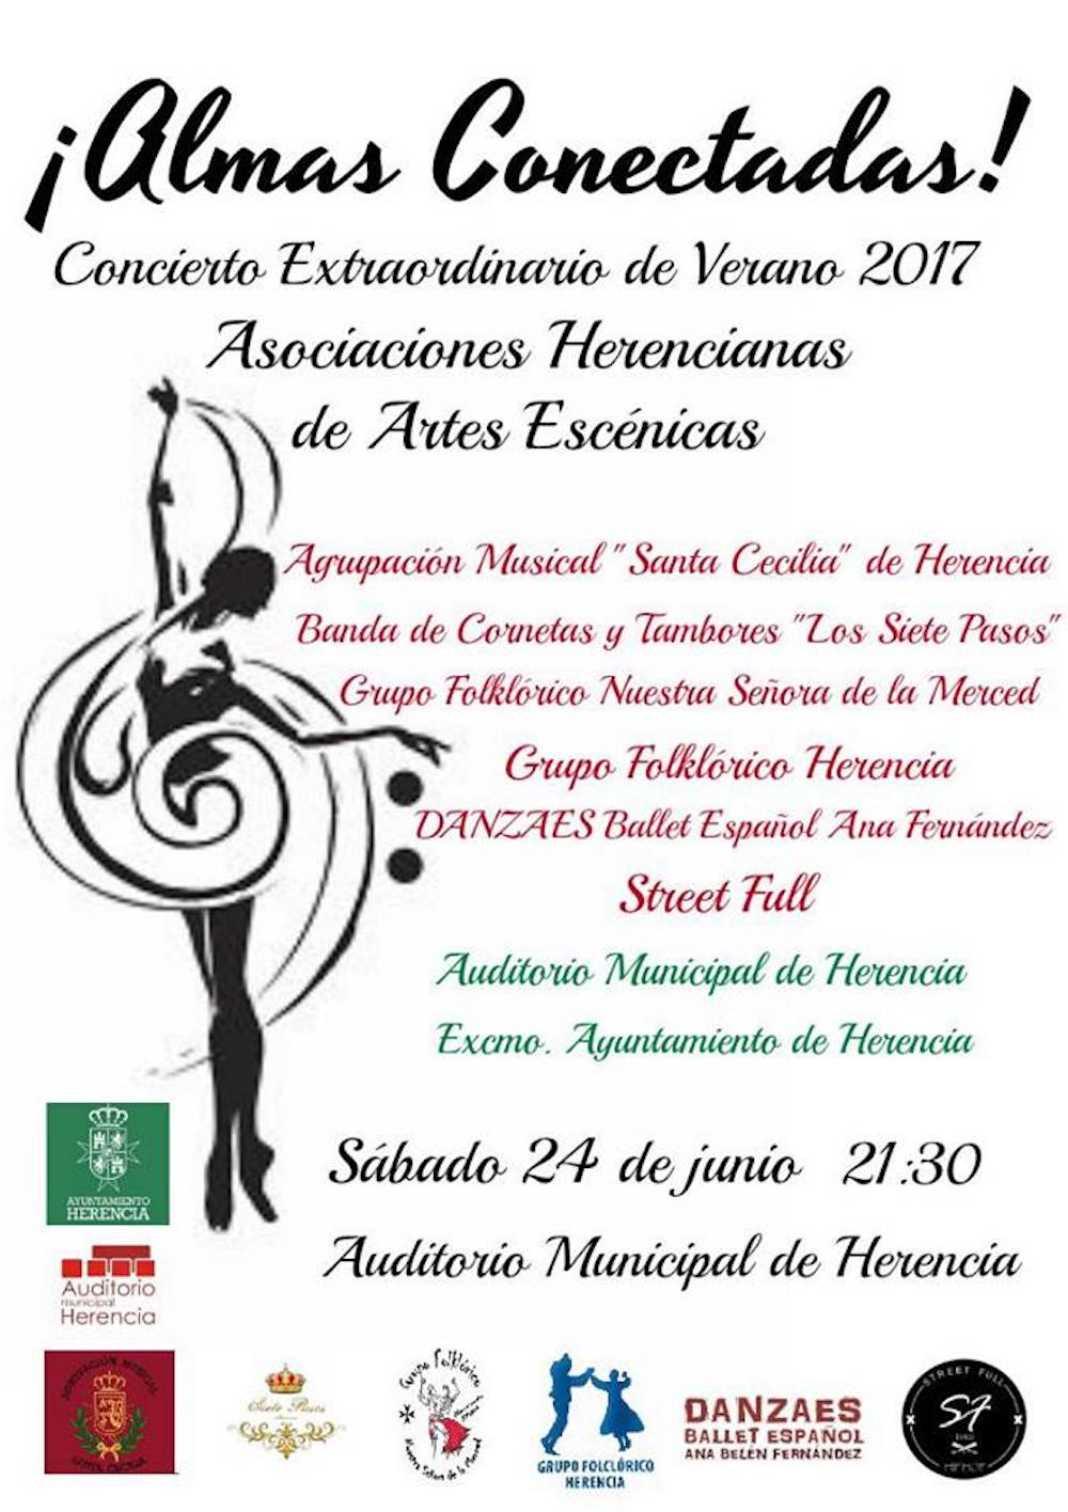 ¡Almas Conectadas! Concierto Extraordinario de Verano 2017 4